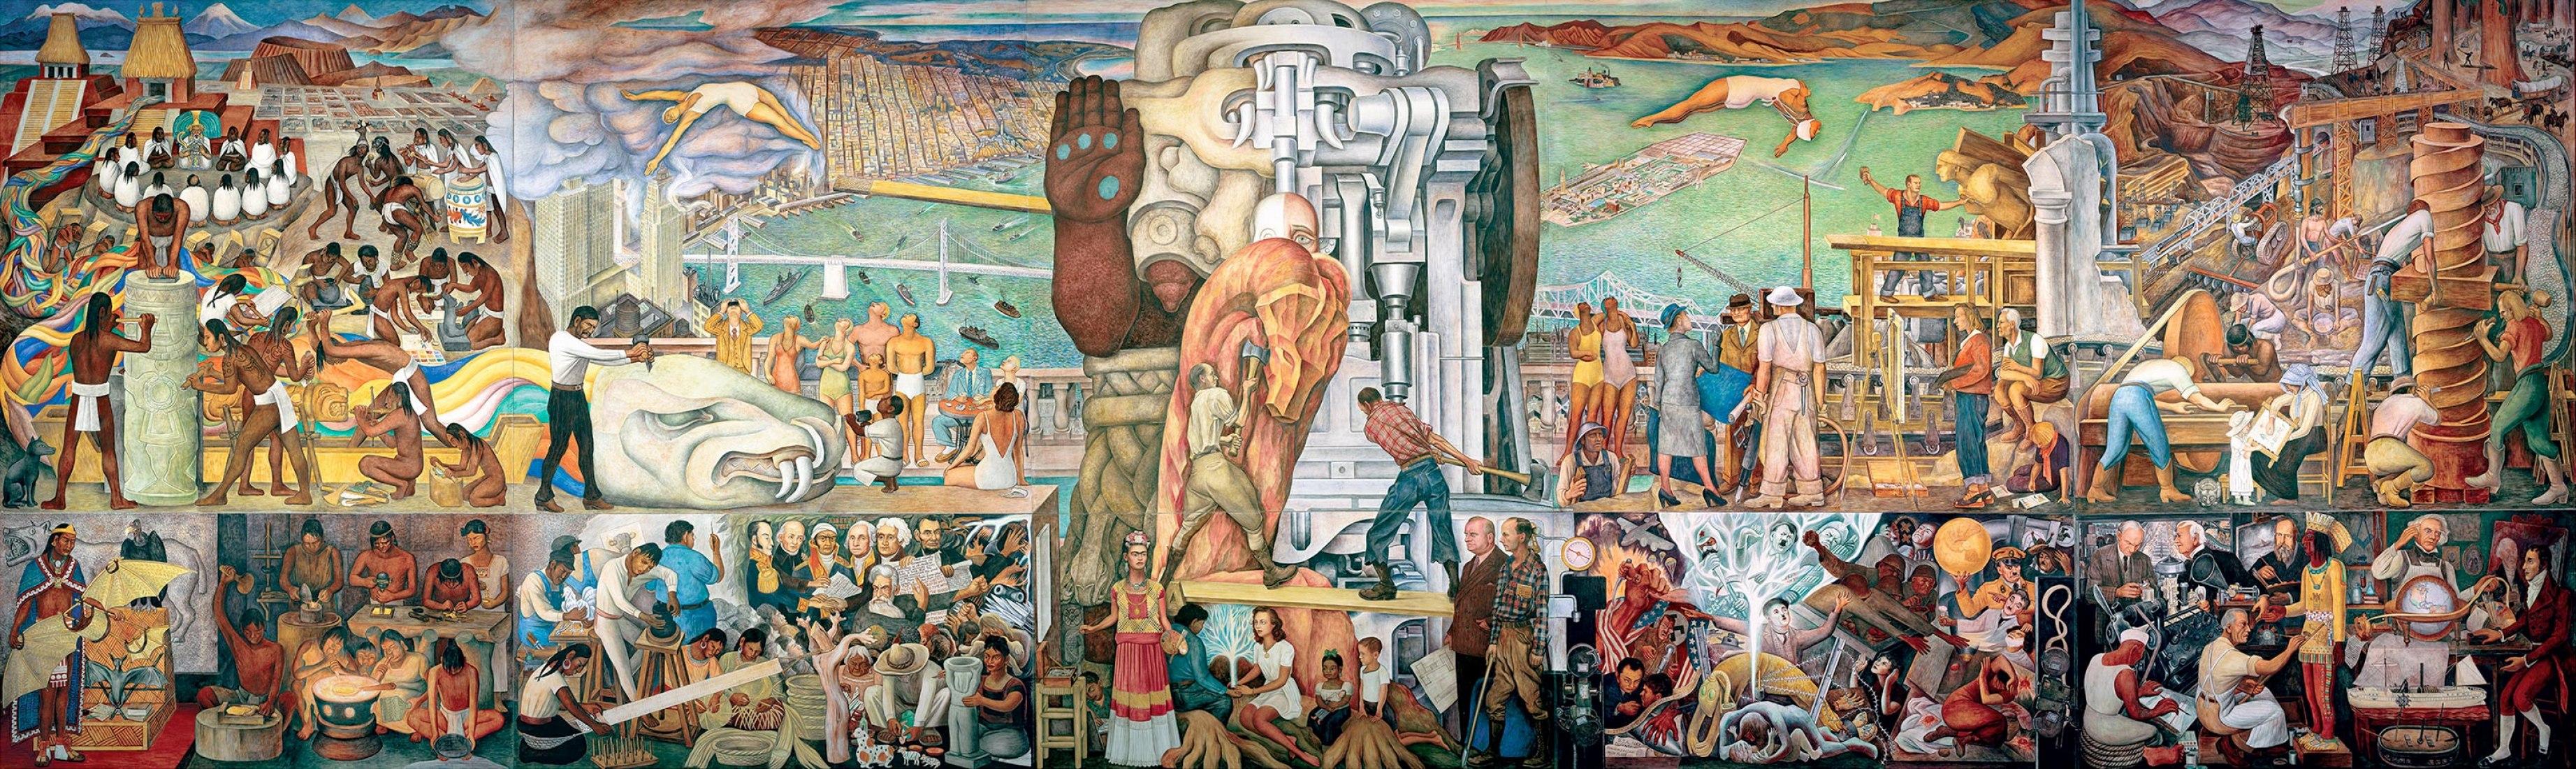 El Mural Unidad Panamericana Sera Parte De La Gran Exposicion